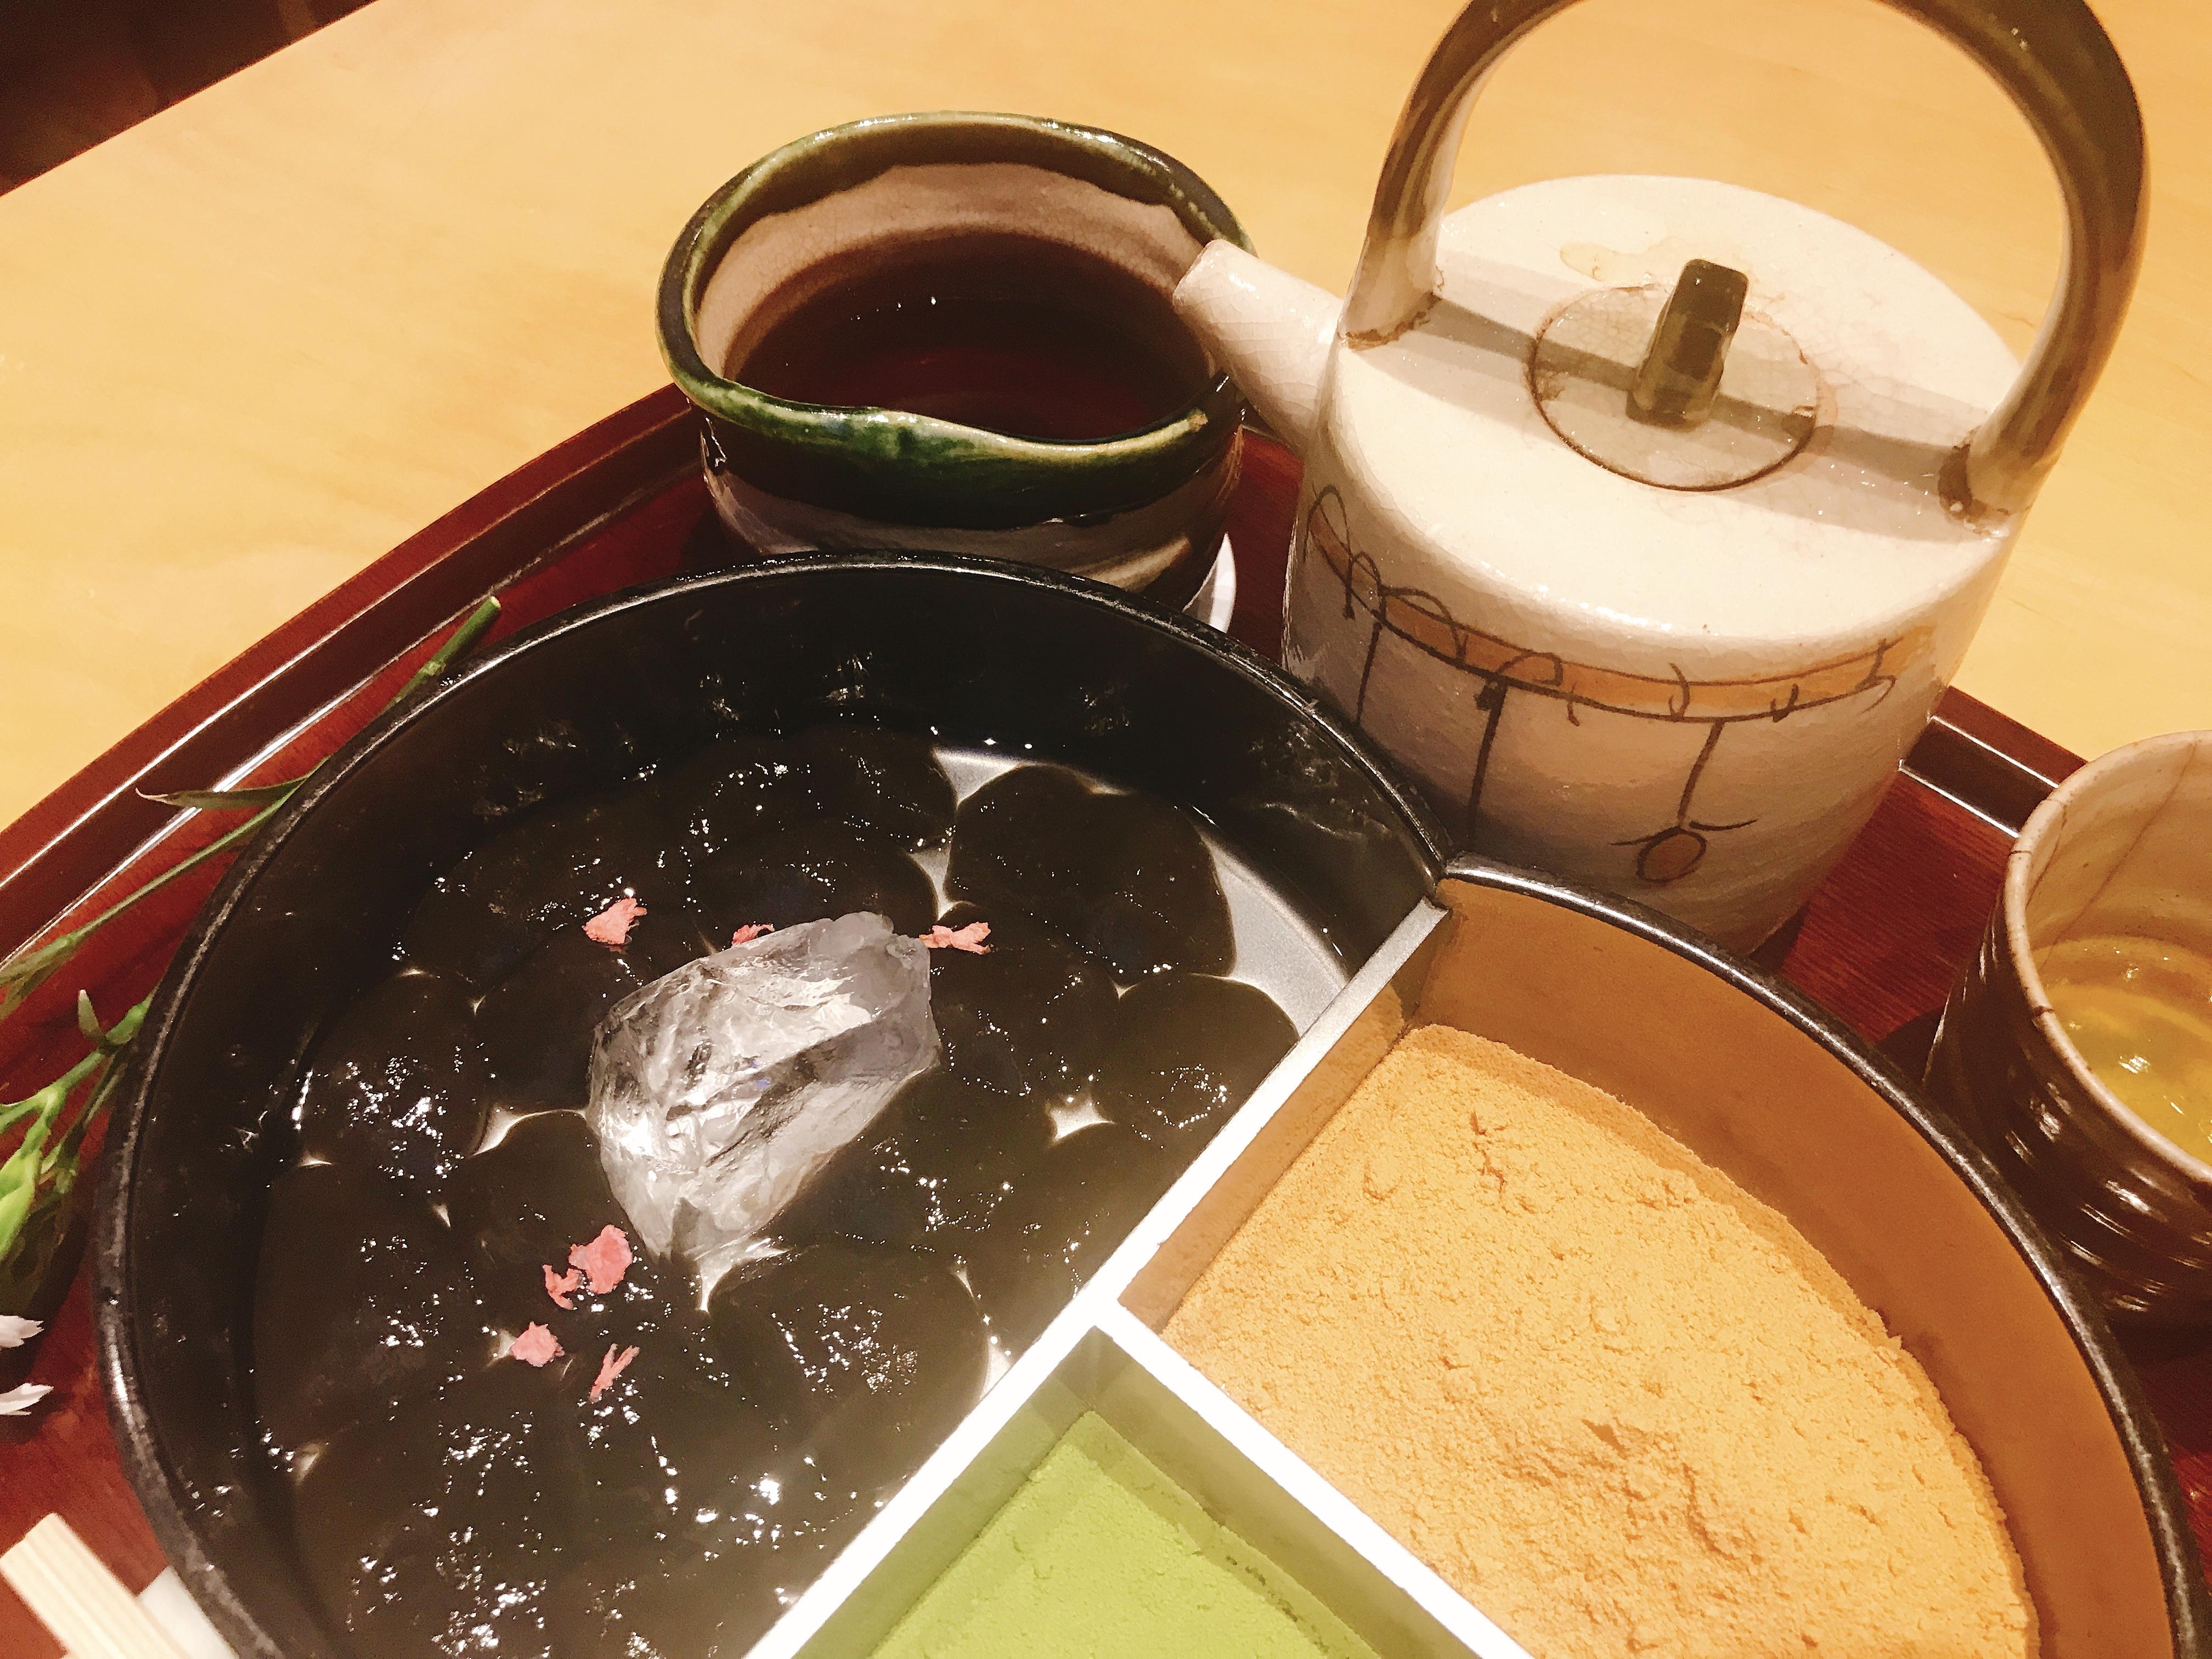 2700円の蕨もち!!東大キャンパス内の廚菓子くろぎへ♪♪